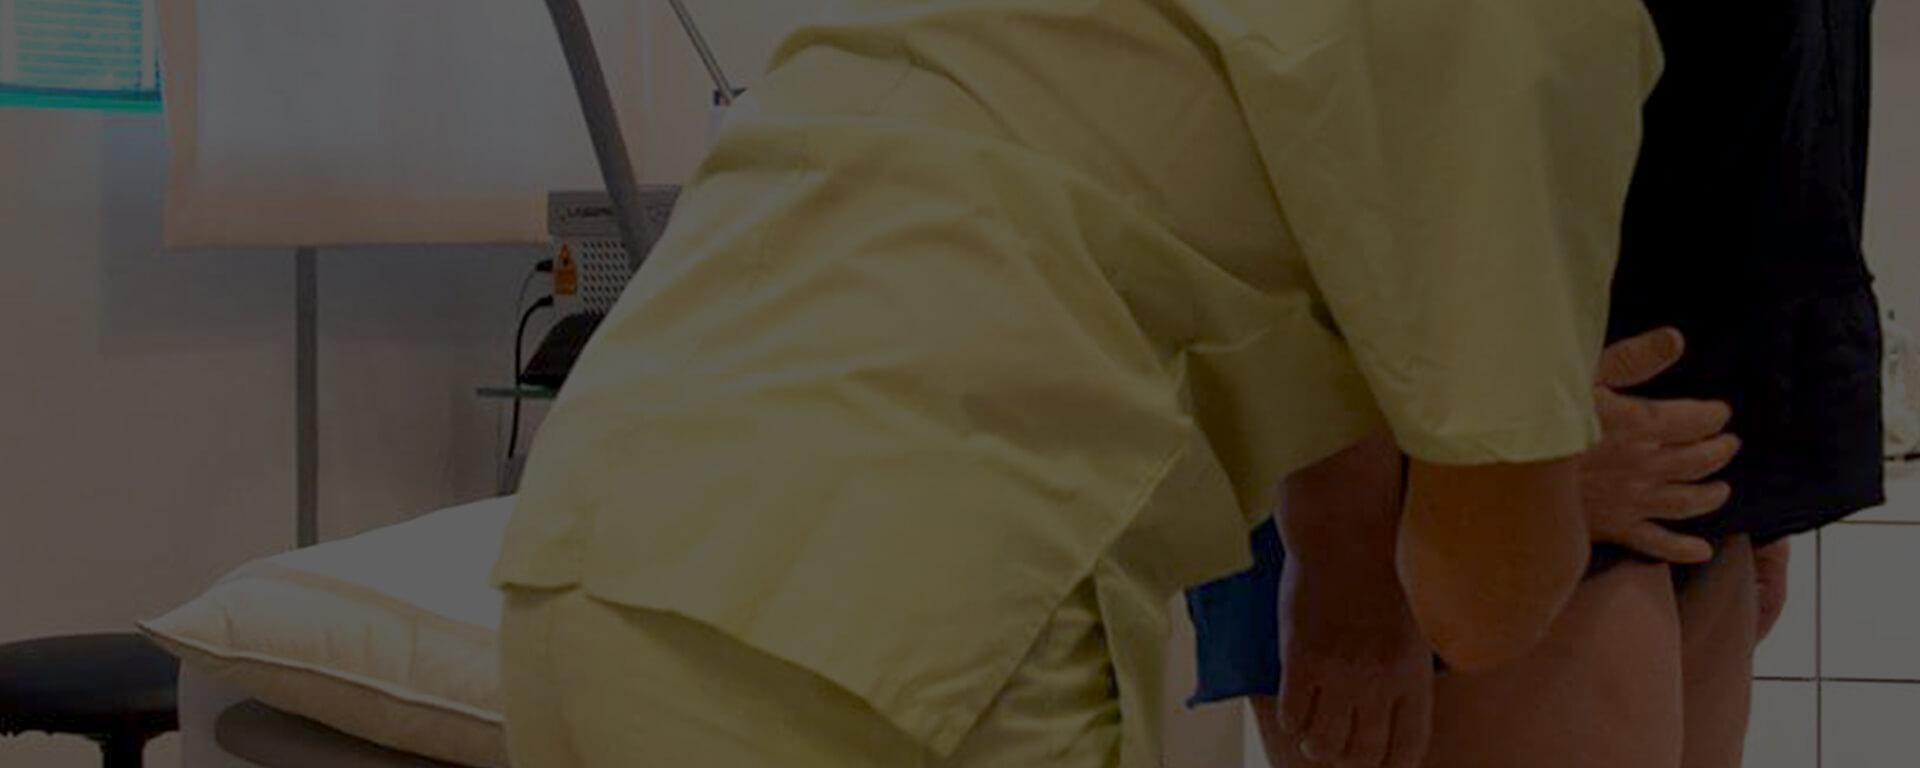 rieducazione posturale parma